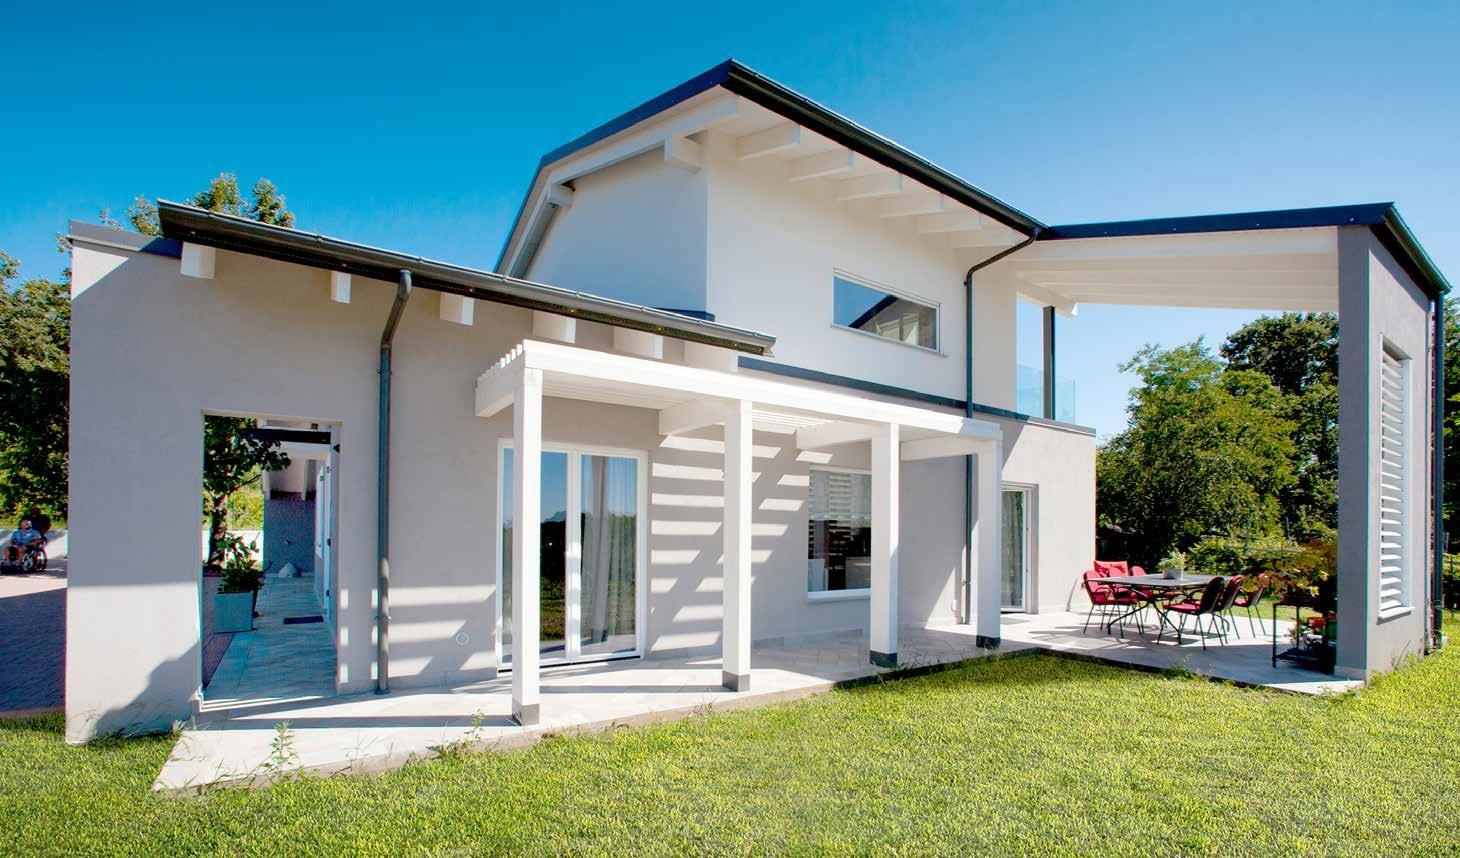 Casa da sogno design immerso nel verde for Piani di casa da sogno